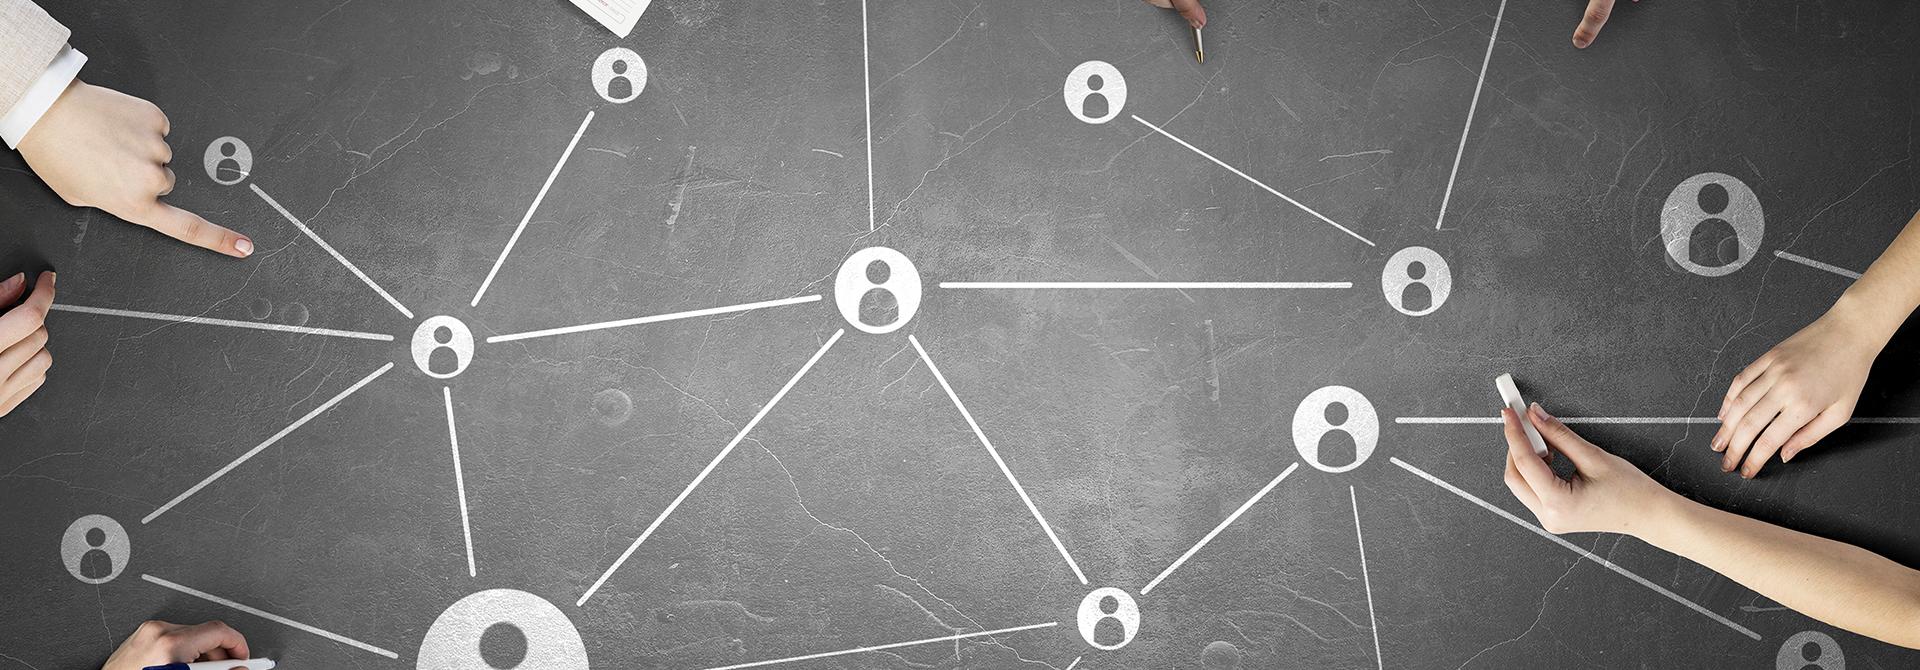 Grafica collegamenti tra persone